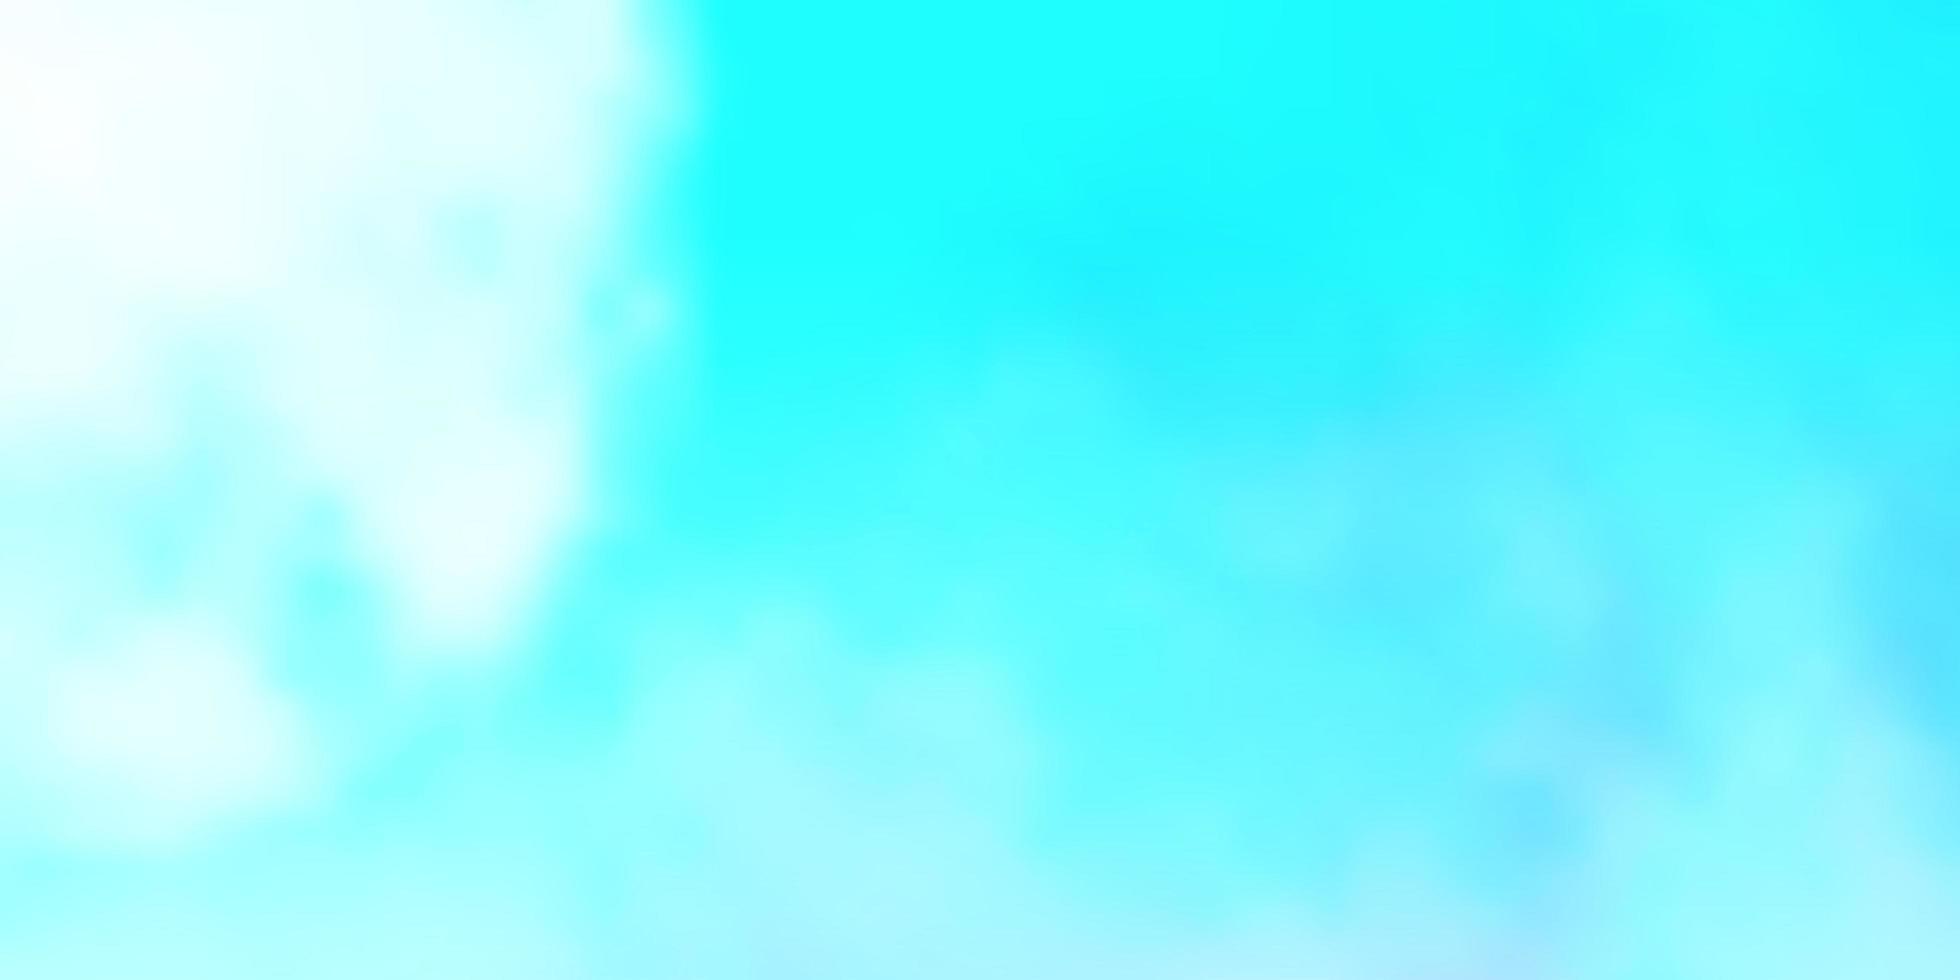 ljusblå vektor konsistens med molnig himmel.